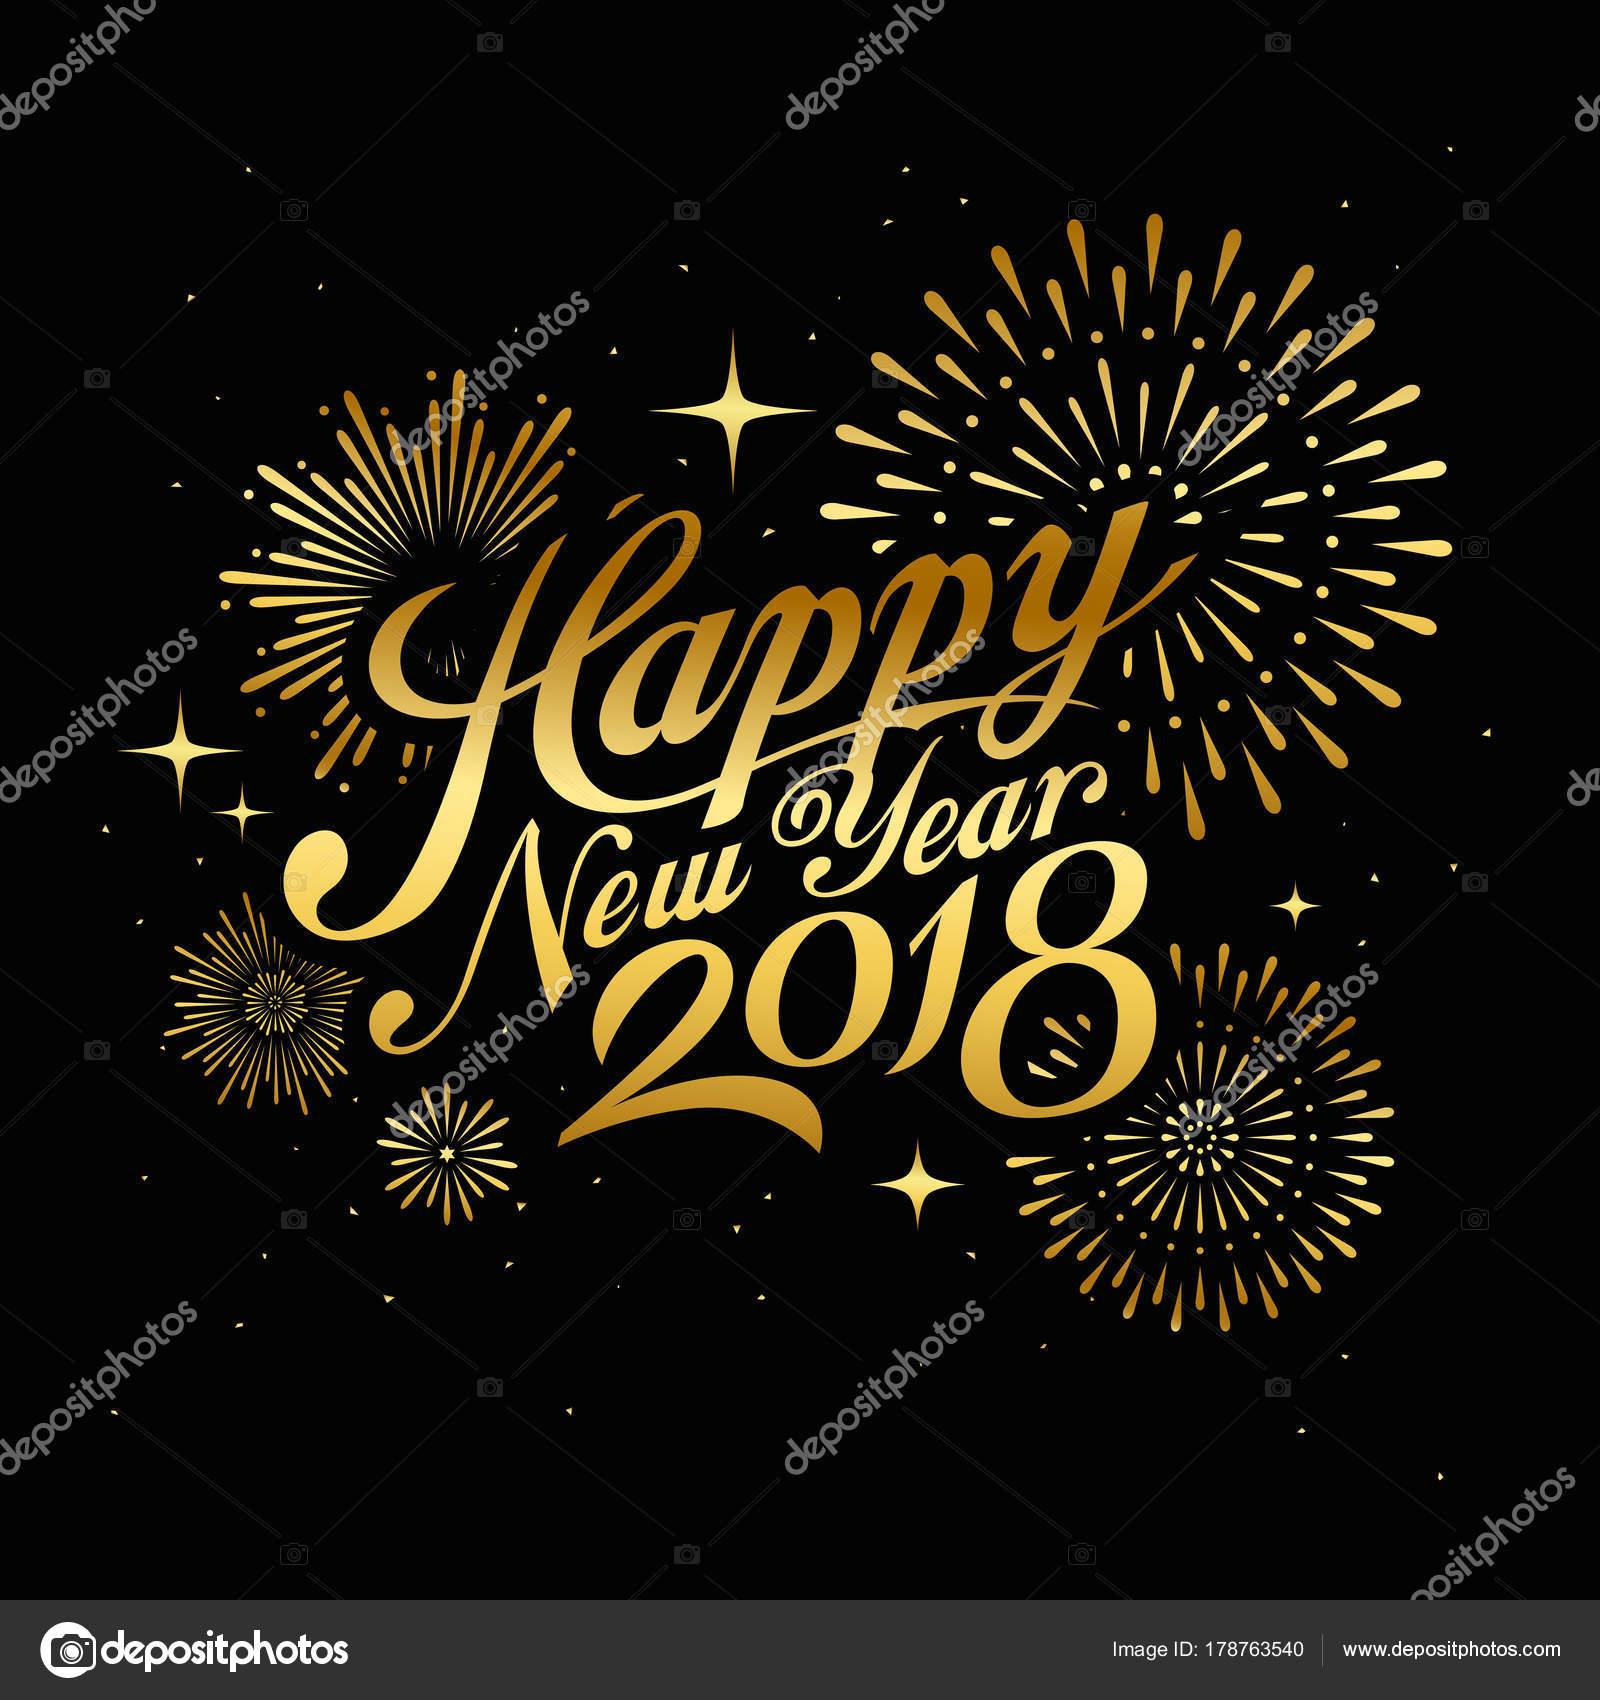 Frohes Neues Jahr 2018 Nachricht Mit Feuerwerk Gold Bei Nacht ...